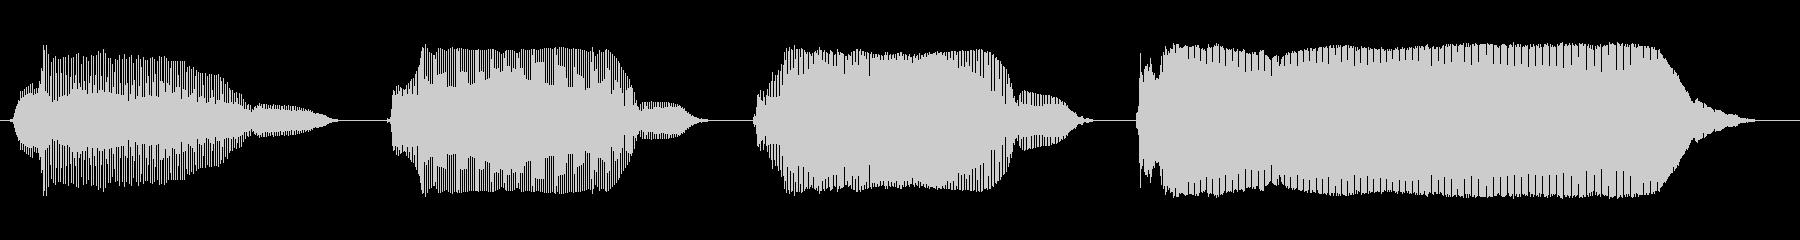 ぴーんぽーんぱーんぽーんの未再生の波形